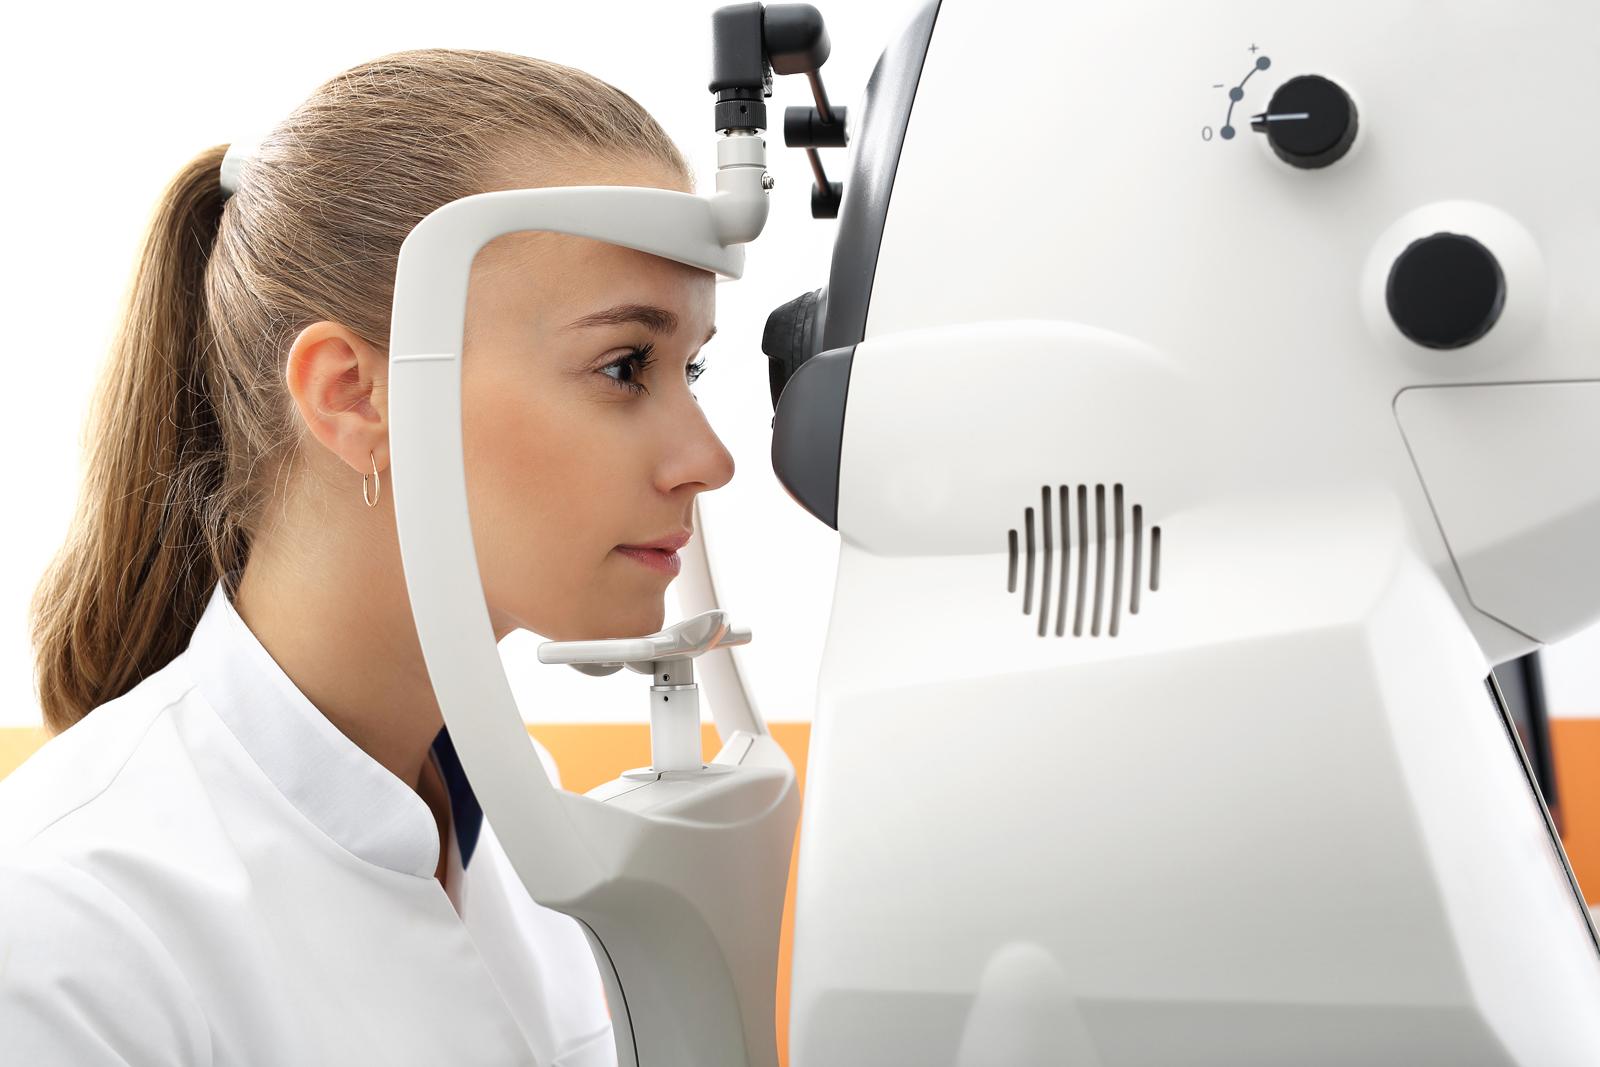 Plano eye doctor